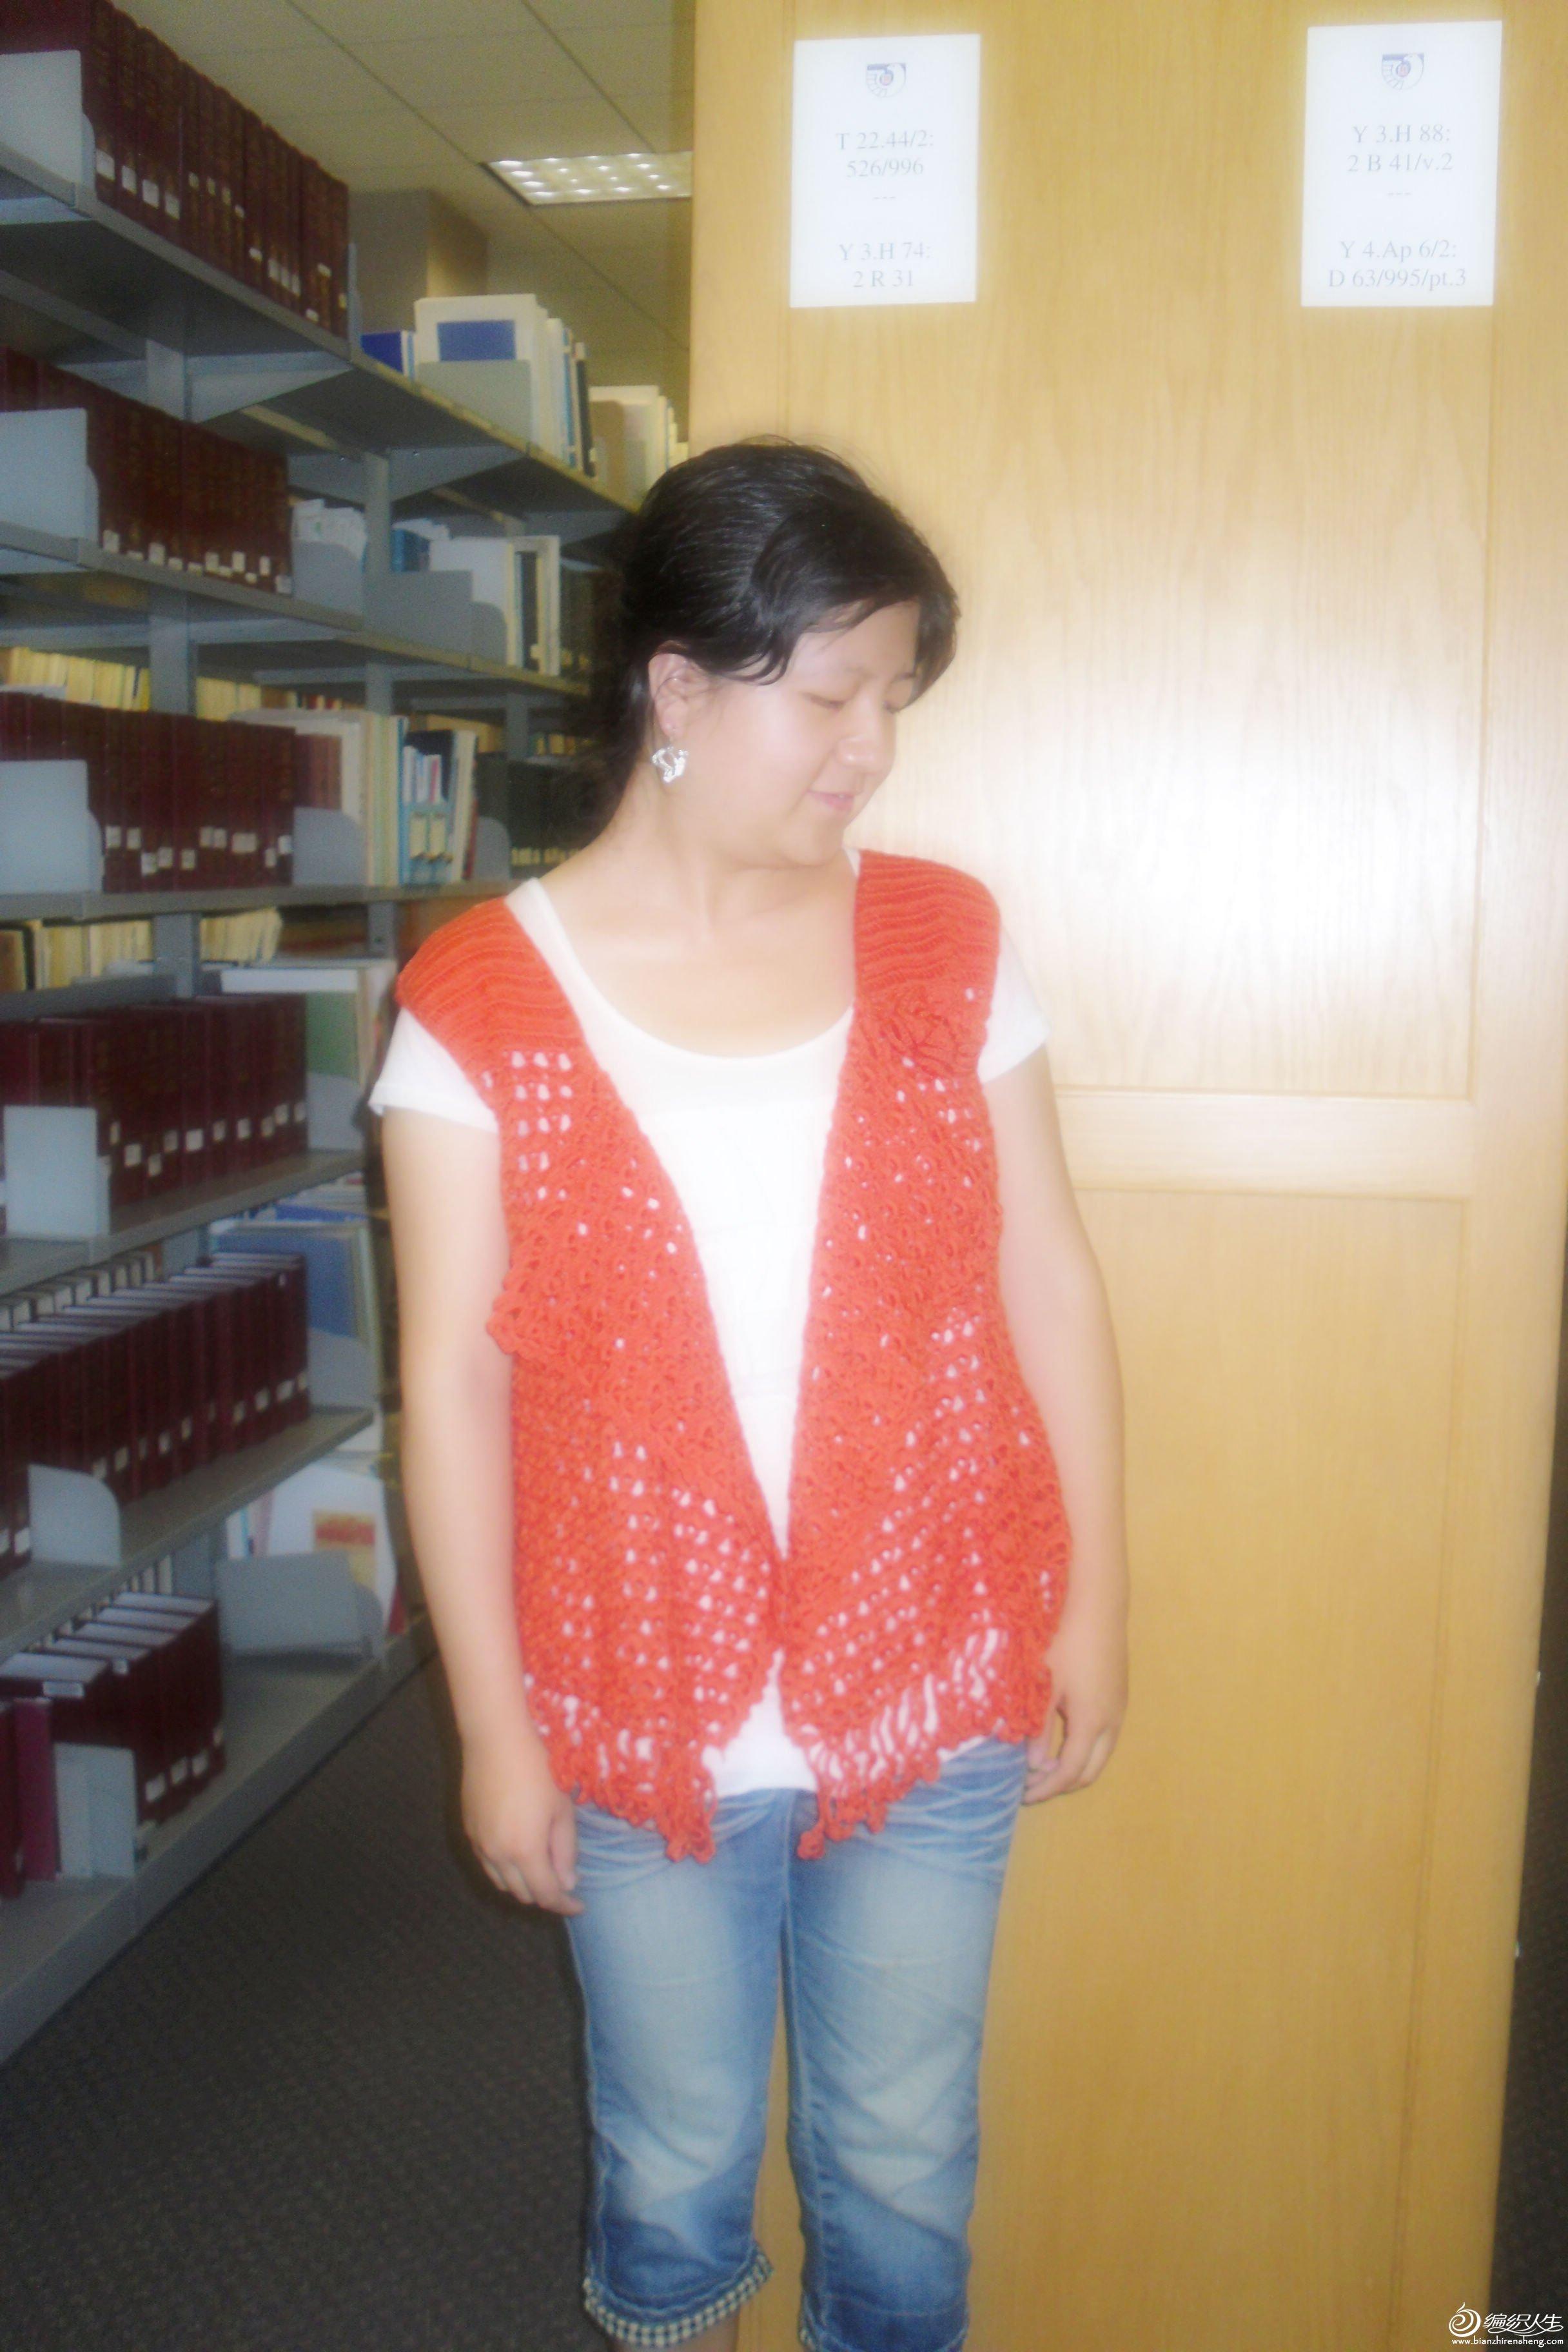 红色披肩衣5.jpg